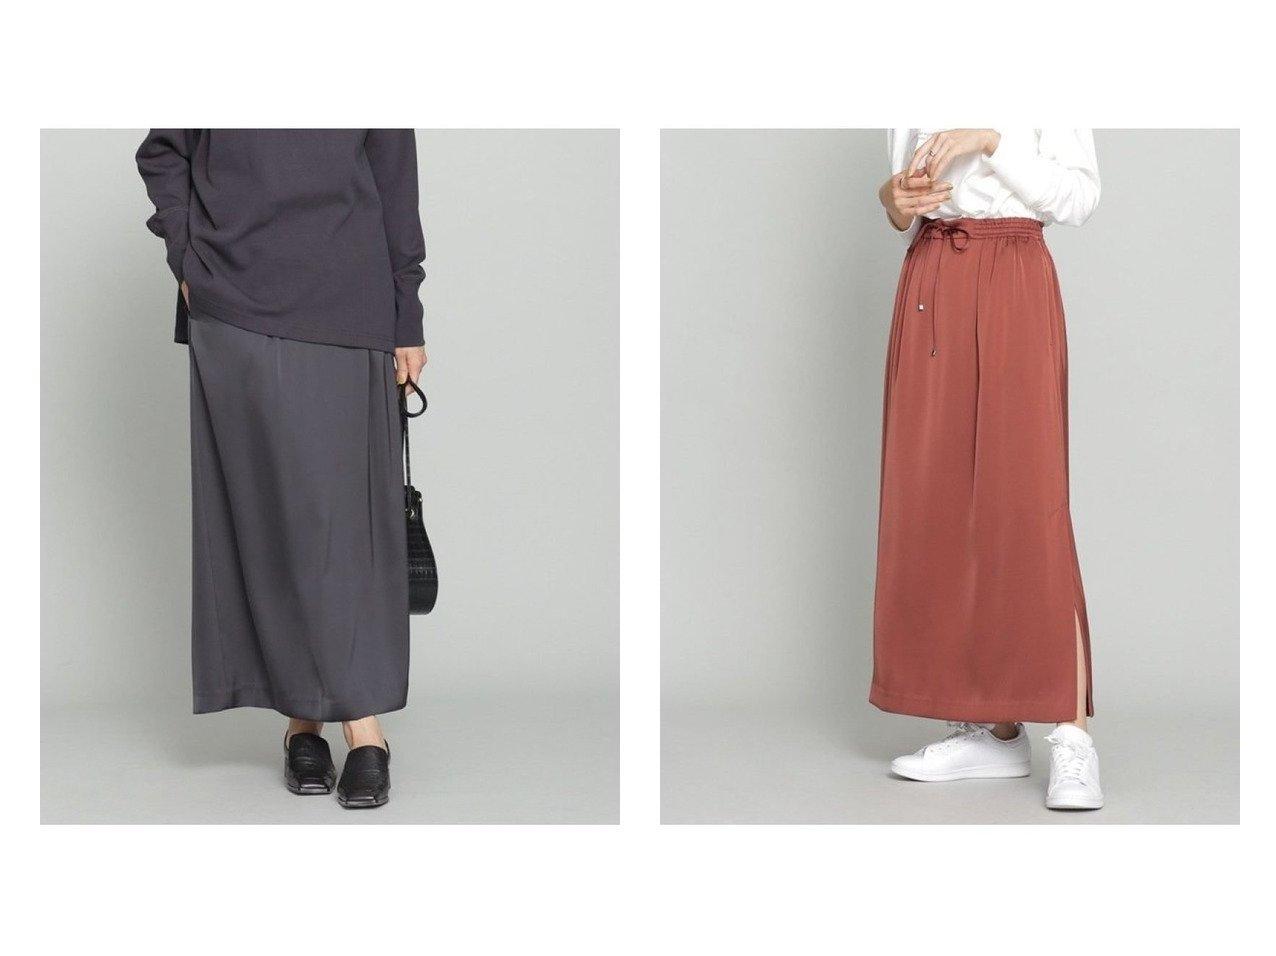 【nano universe/ナノ ユニバース】のサテンスリットイージーロングスカート 【スカート】おすすめ!人気、トレンド・レディースファッションの通販   おすすめで人気の流行・トレンド、ファッションの通販商品 インテリア・家具・メンズファッション・キッズファッション・レディースファッション・服の通販 founy(ファニー) https://founy.com/ ファッション Fashion レディースファッション WOMEN スカート Skirt ロングスカート Long Skirt サテン スリット フラット ロング NEW・新作・新着・新入荷 New Arrivals おすすめ Recommend |ID:crp329100000066099